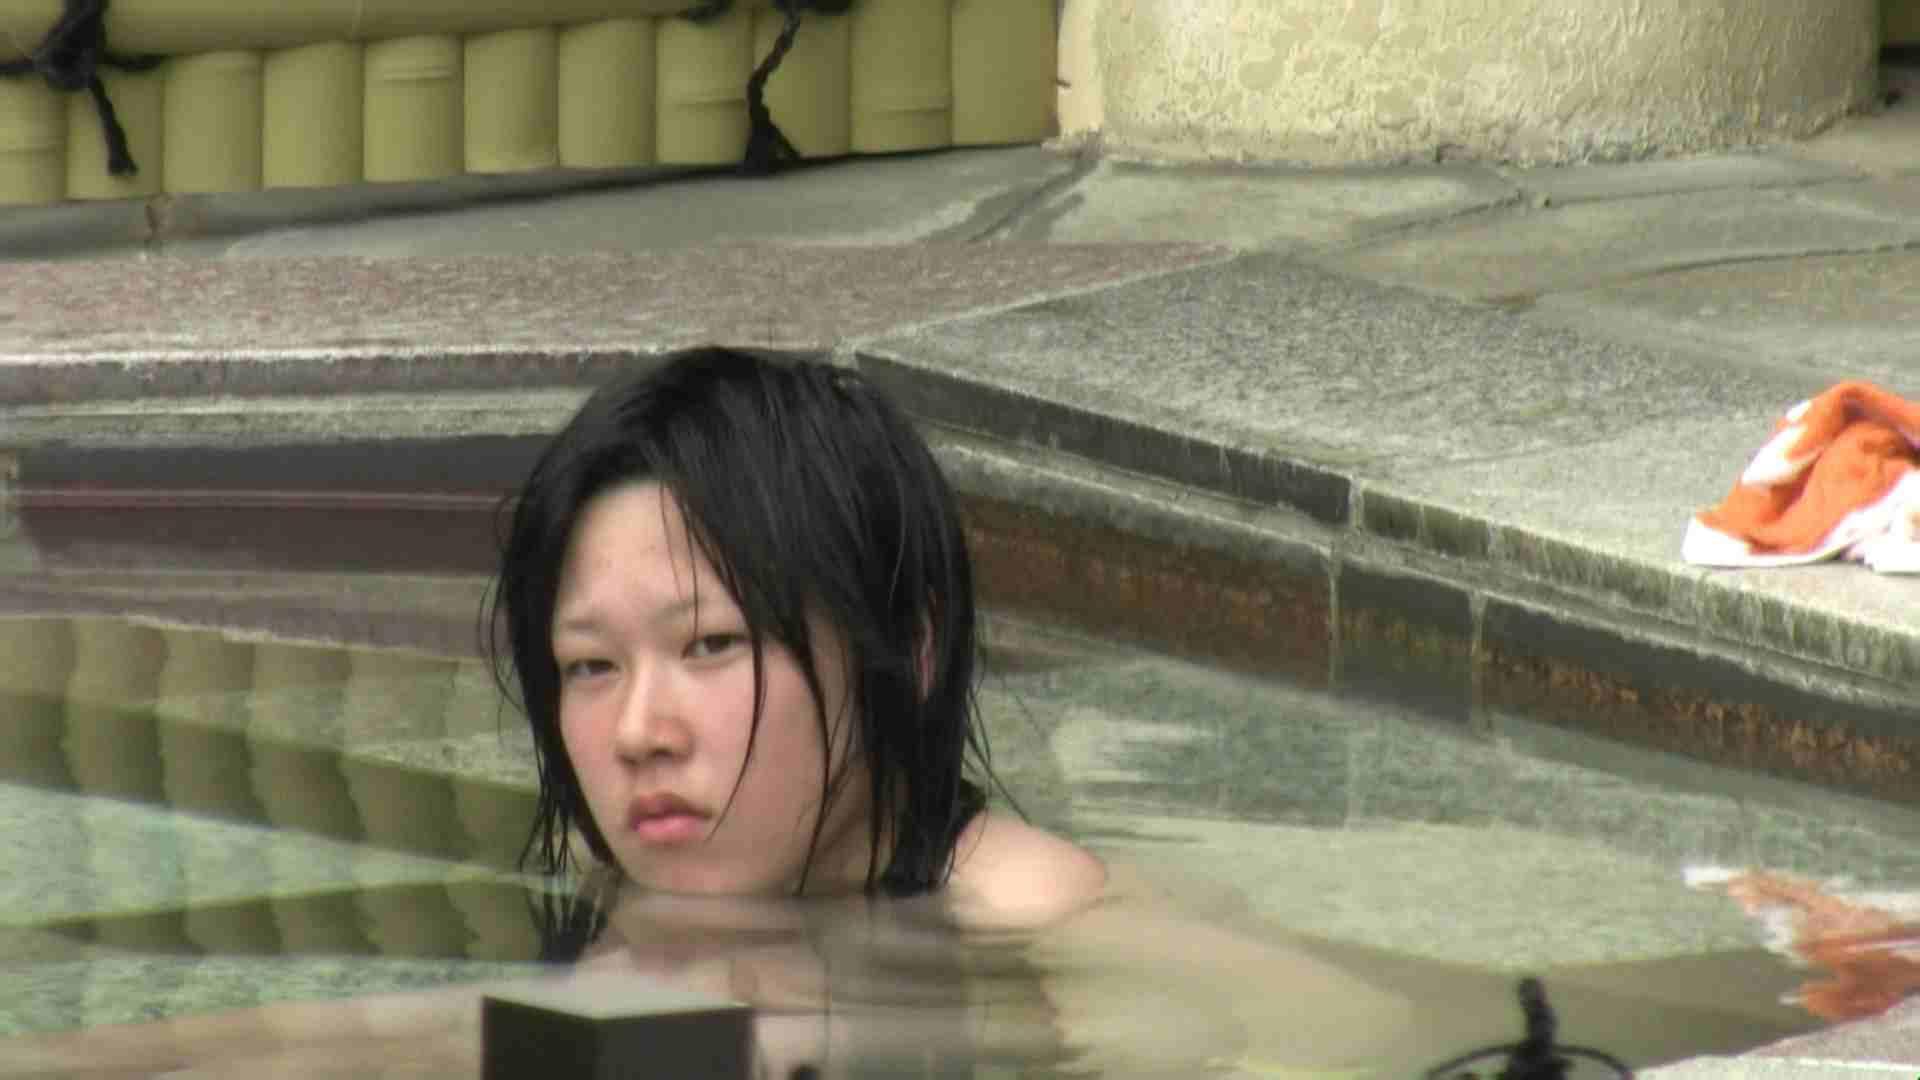 Aquaな露天風呂Vol.36 盗撮シリーズ  99PIX 66